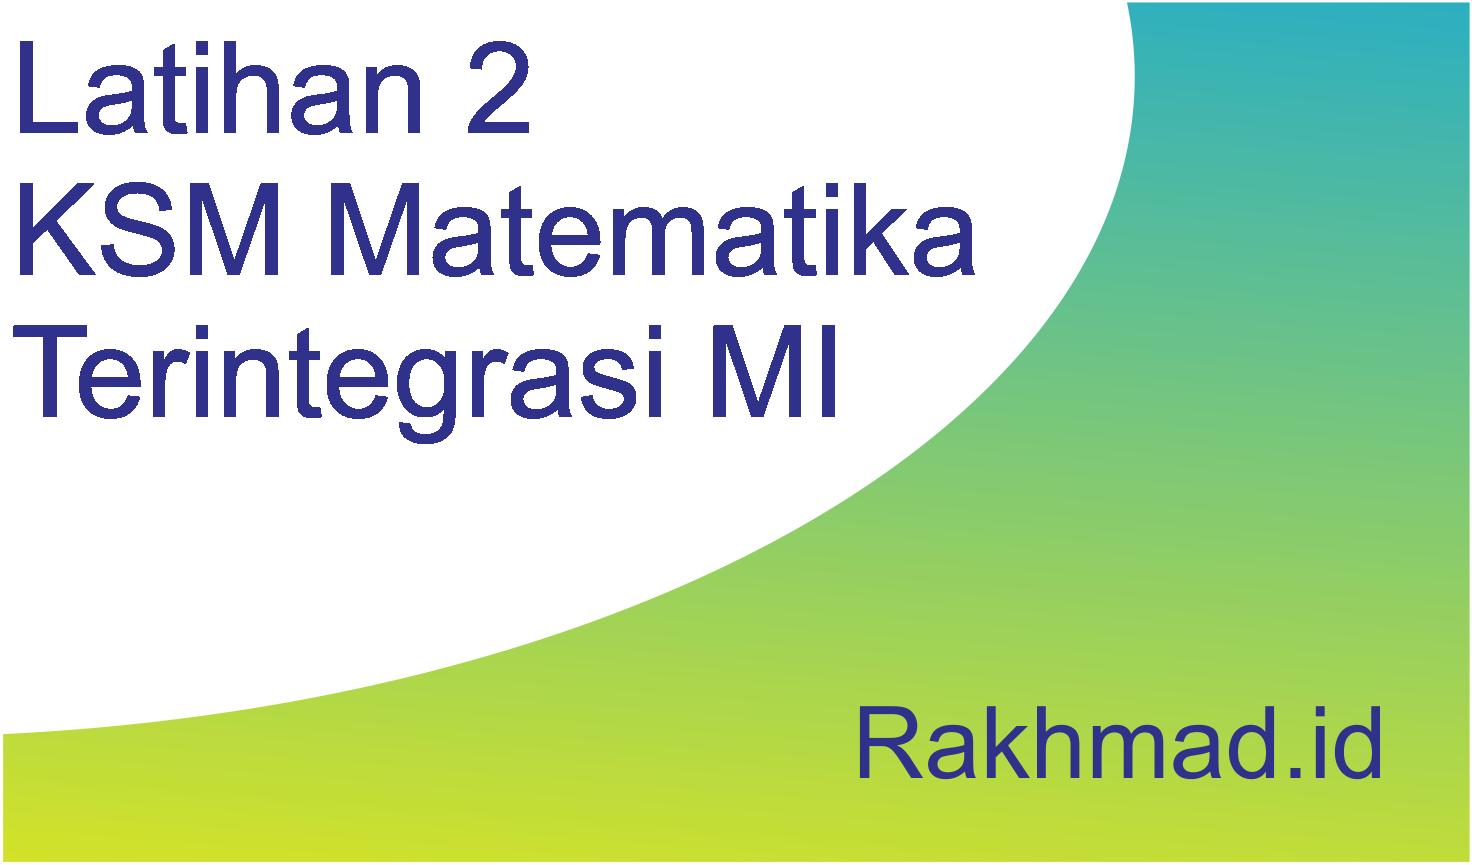 Latihan soal 2 KSM Matematika Terintegrasi MI